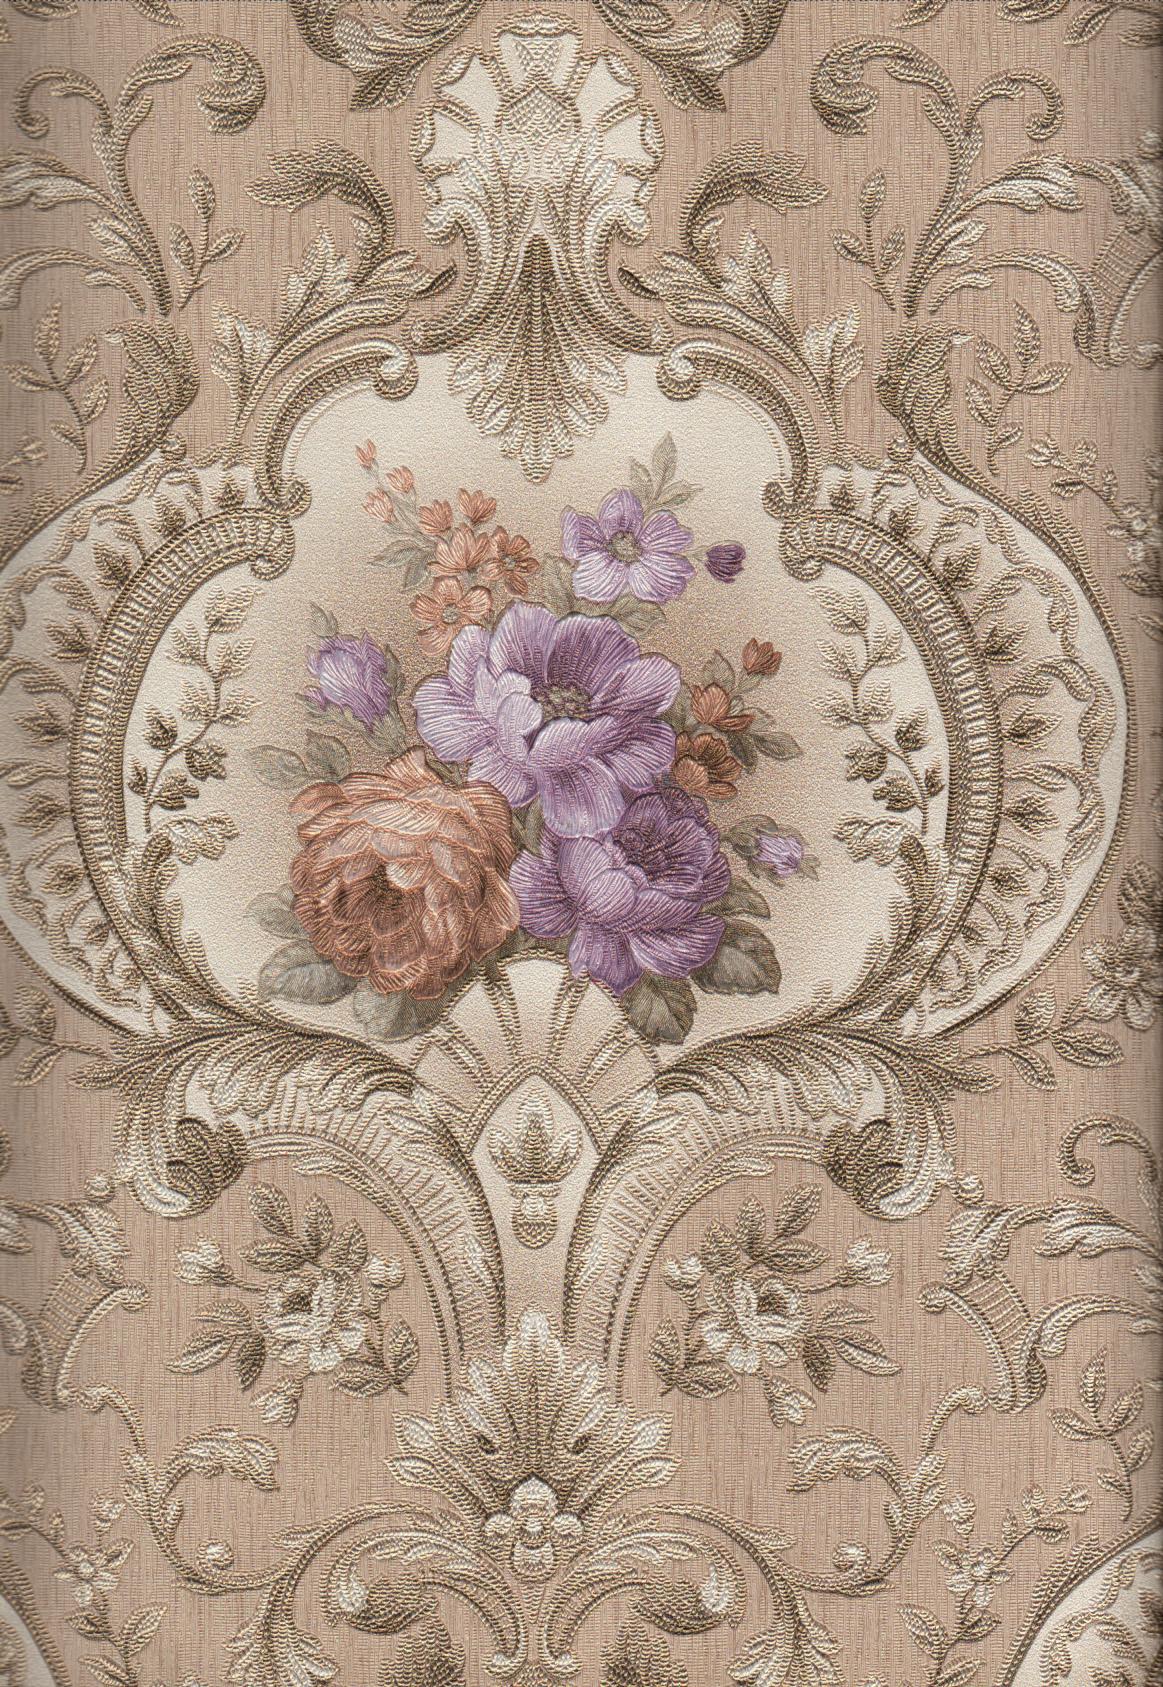 wallpaper   Wallpaper Bunga 4003-5:4003-5 corak  warna